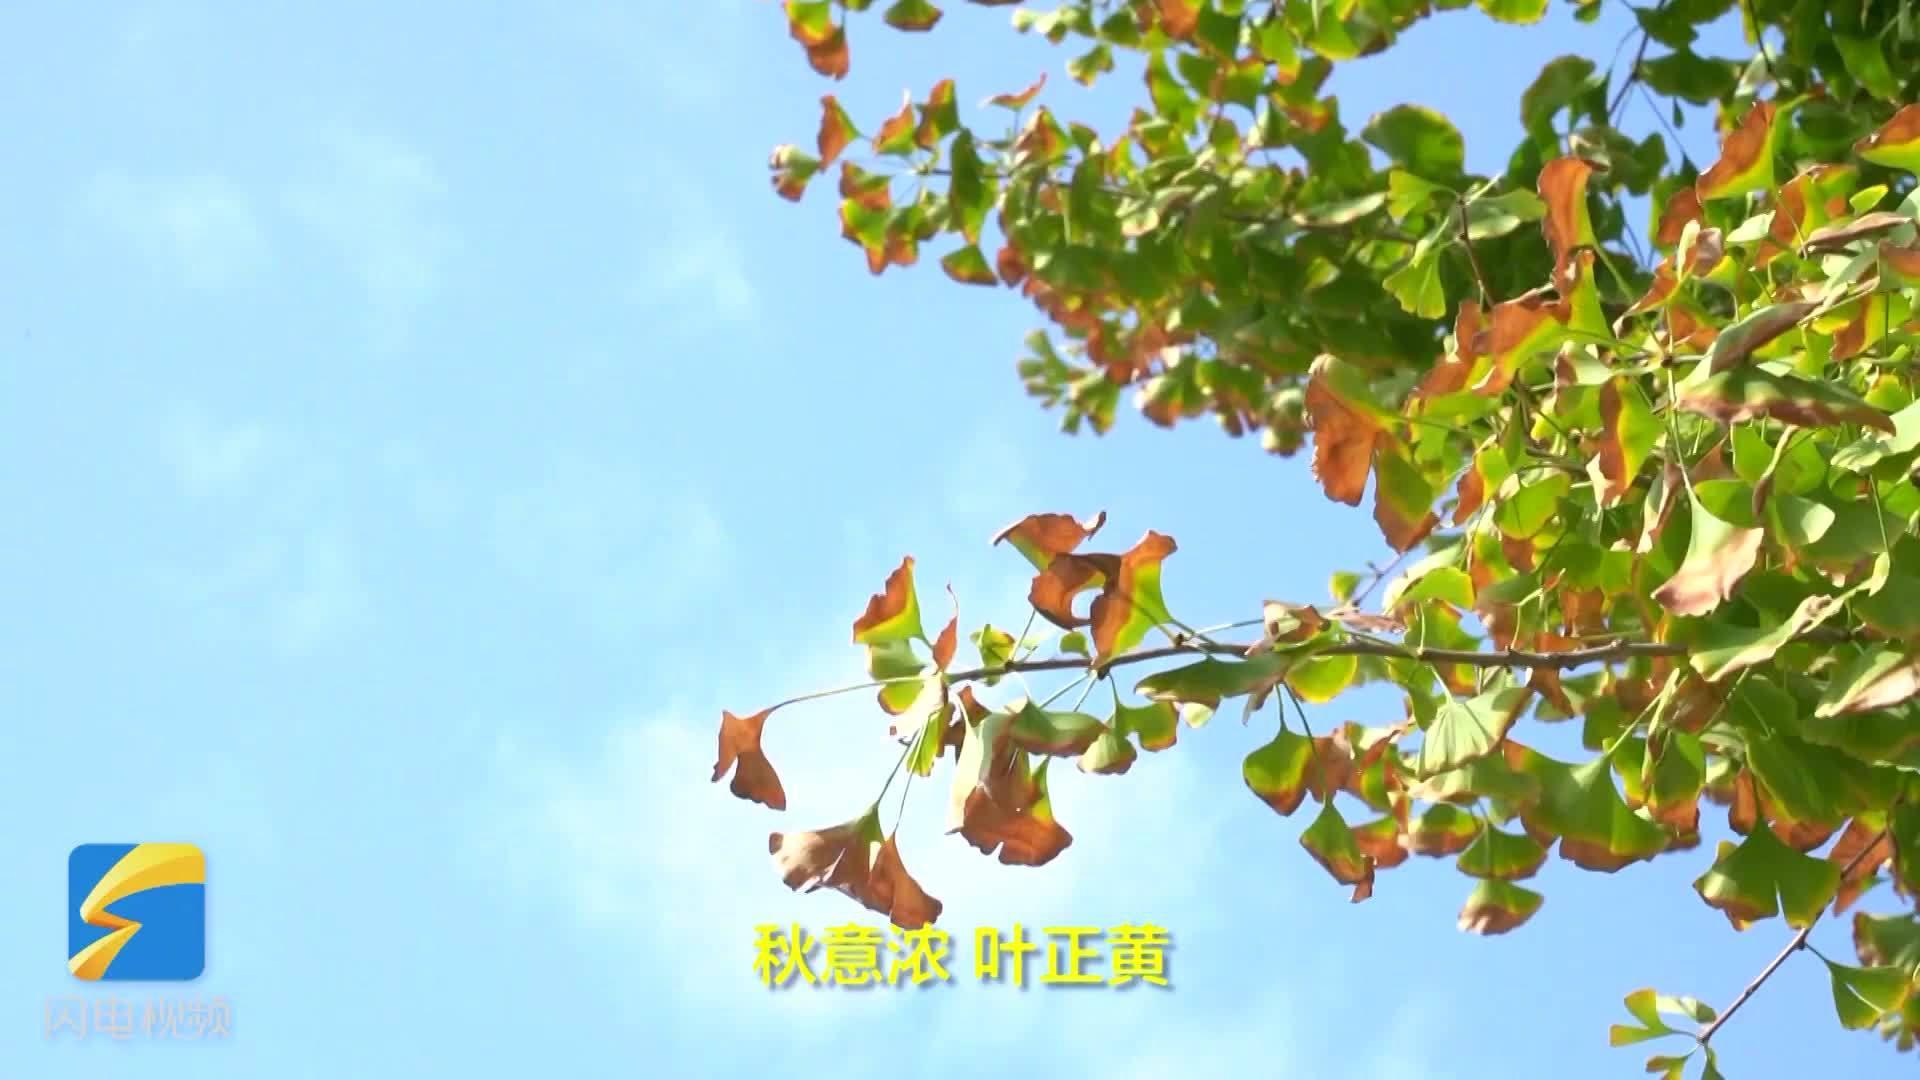 德州武城:碧云天黄叶地,多彩秋色别错过 .齐鲁网